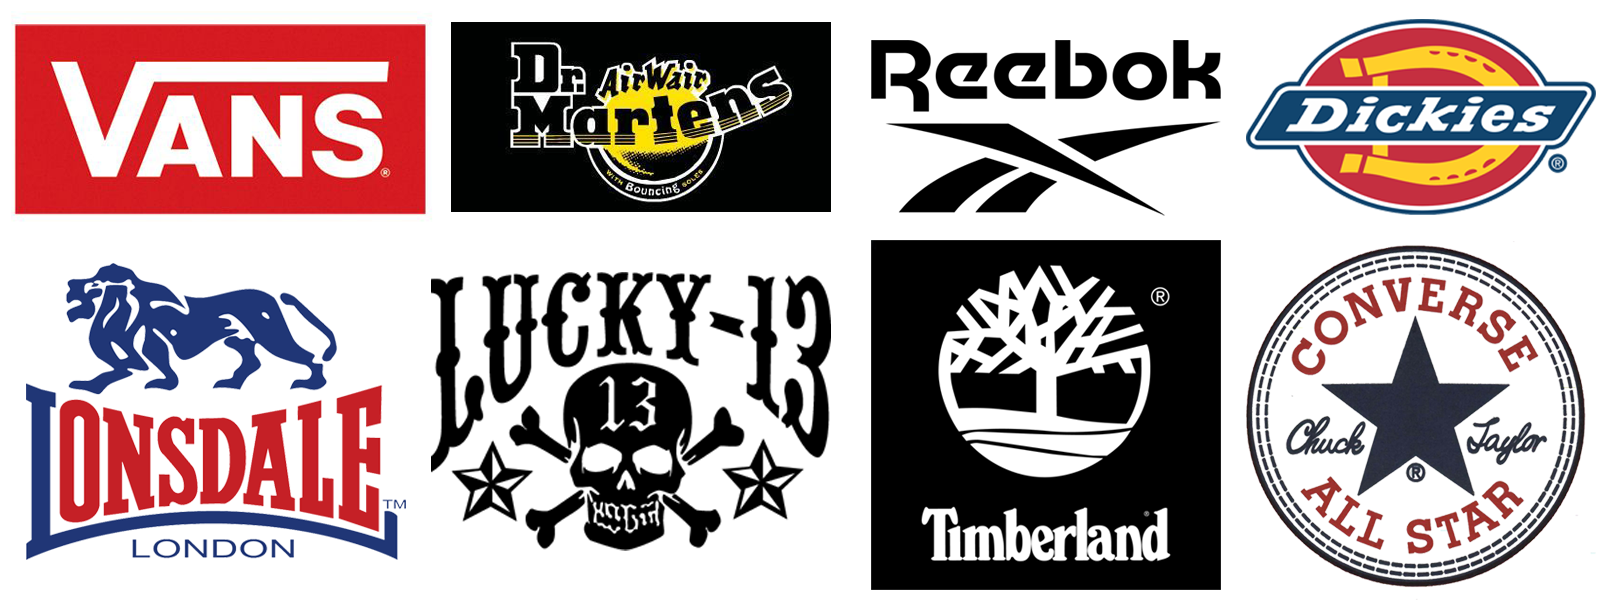 clothing brand logos